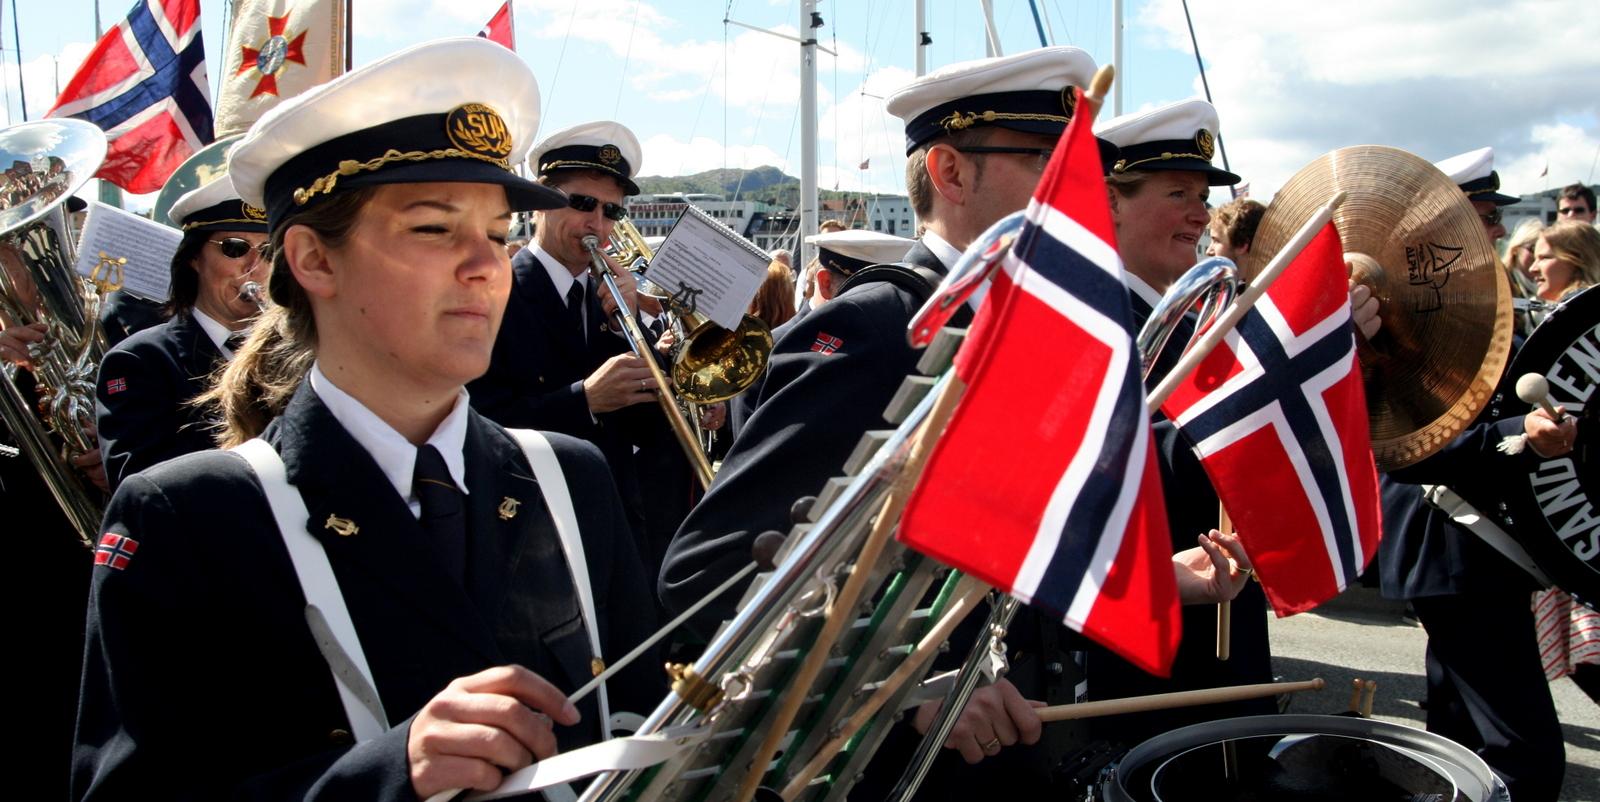 17th May Parade